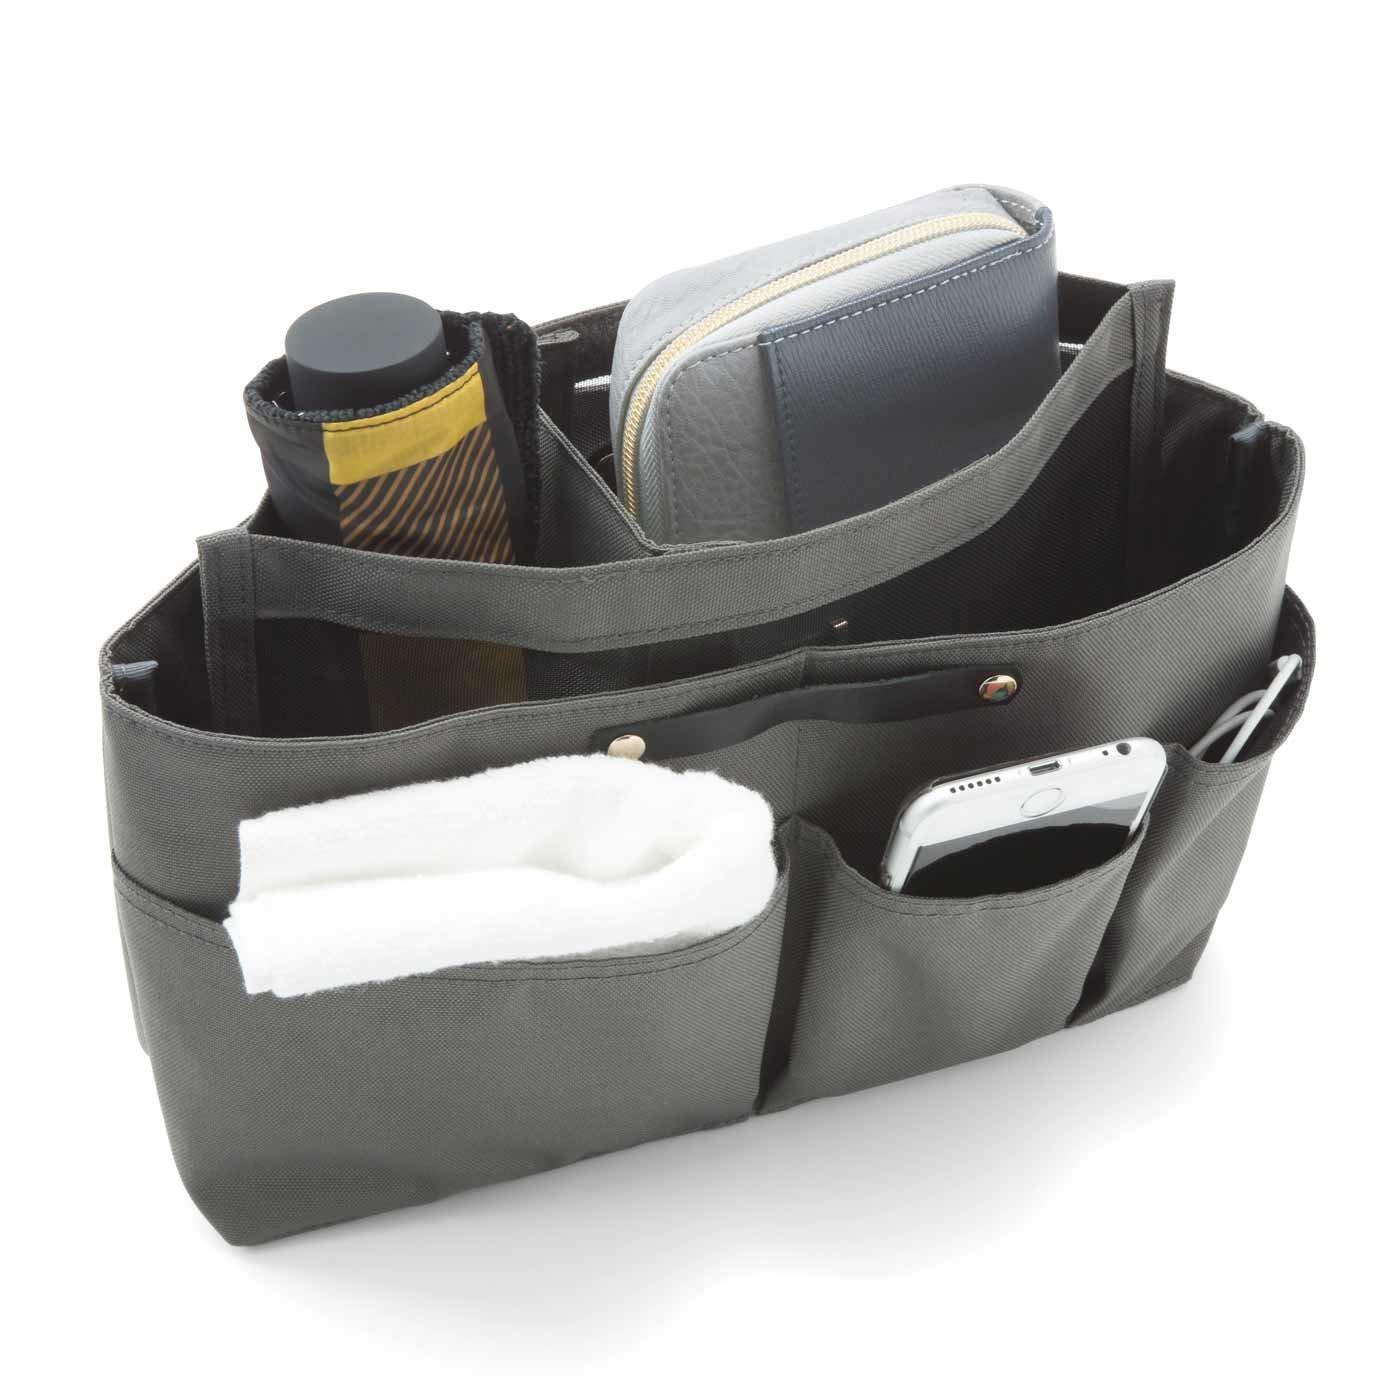 持ち物によって小部屋が自在に動く 段々バッグインバッグの会